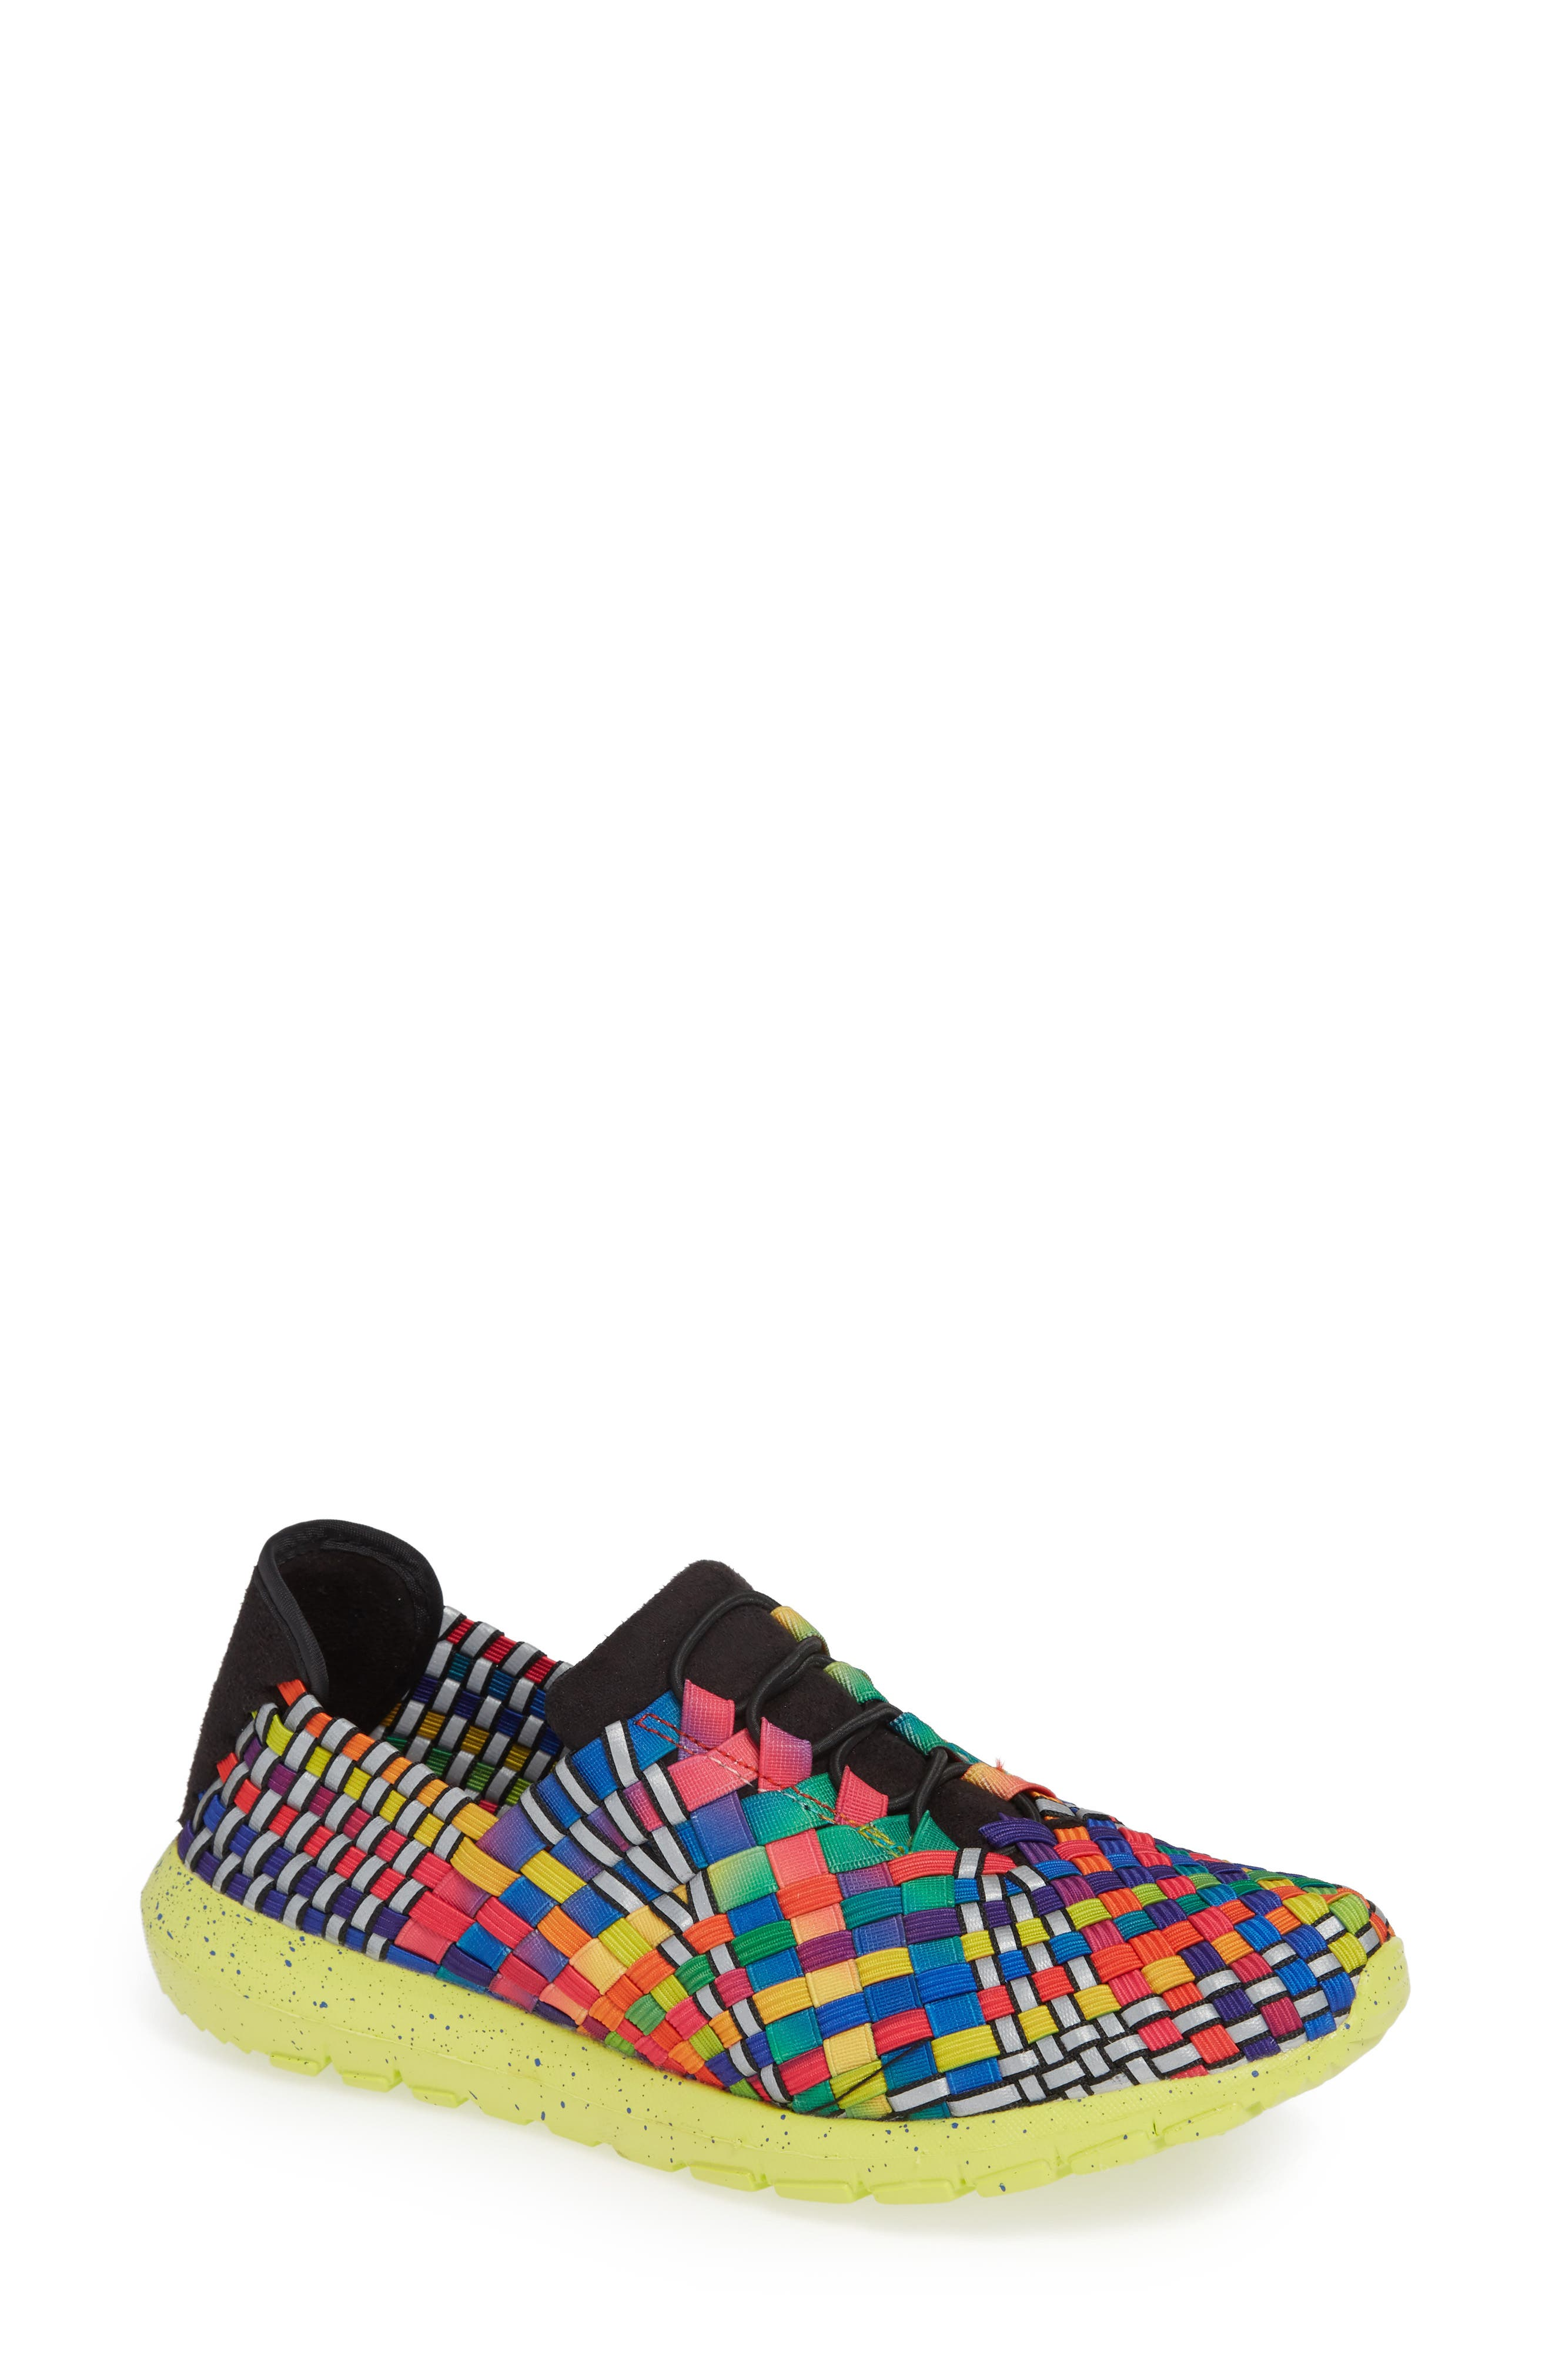 Runners Victoria Sneaker,                         Main,                         color, Black Multi Reflective Fabric